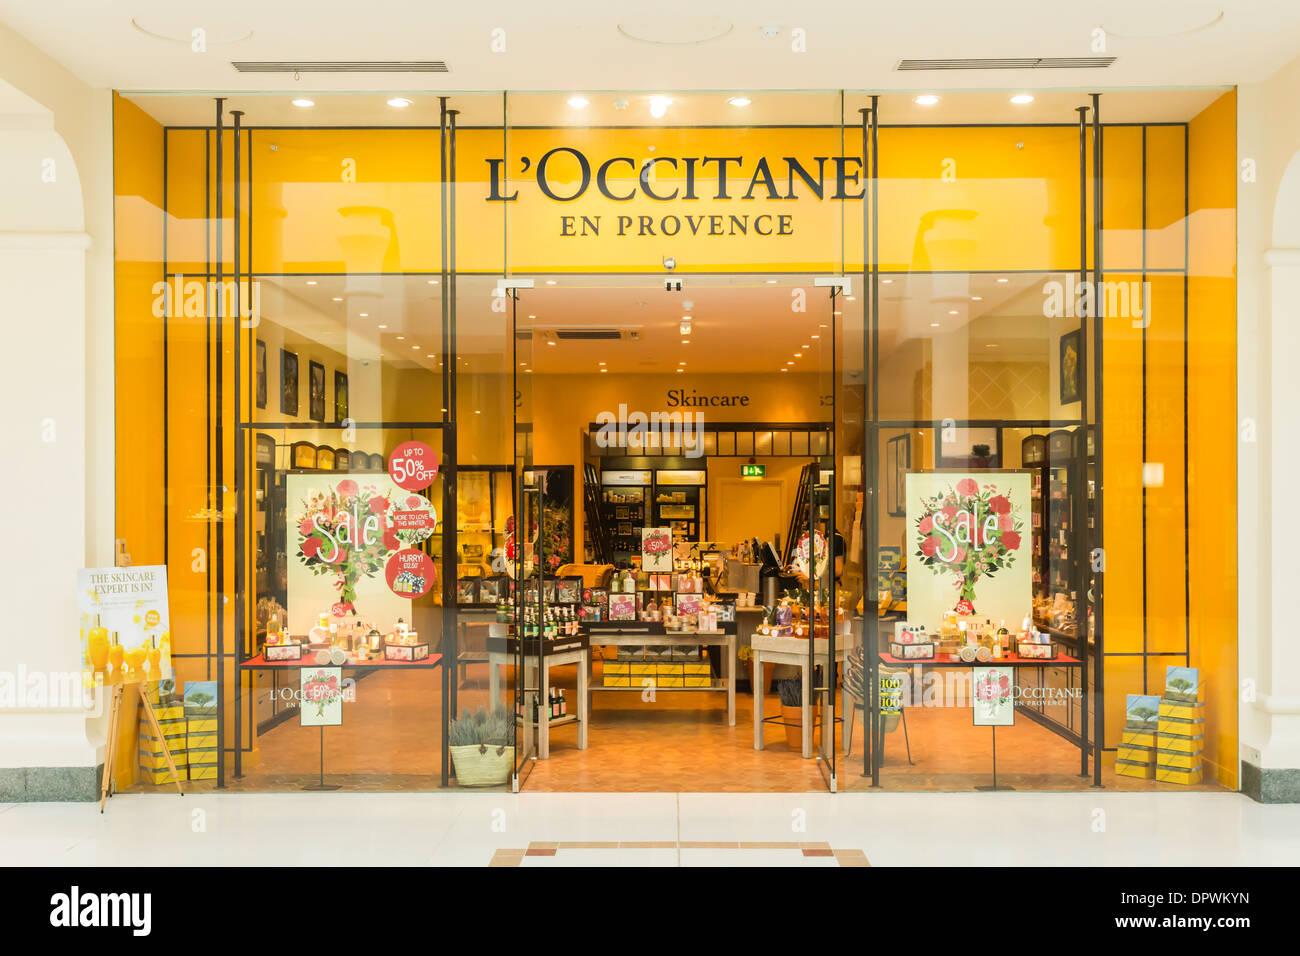 L'Occitane En Provence Shop Front Retail Stock Photo ...